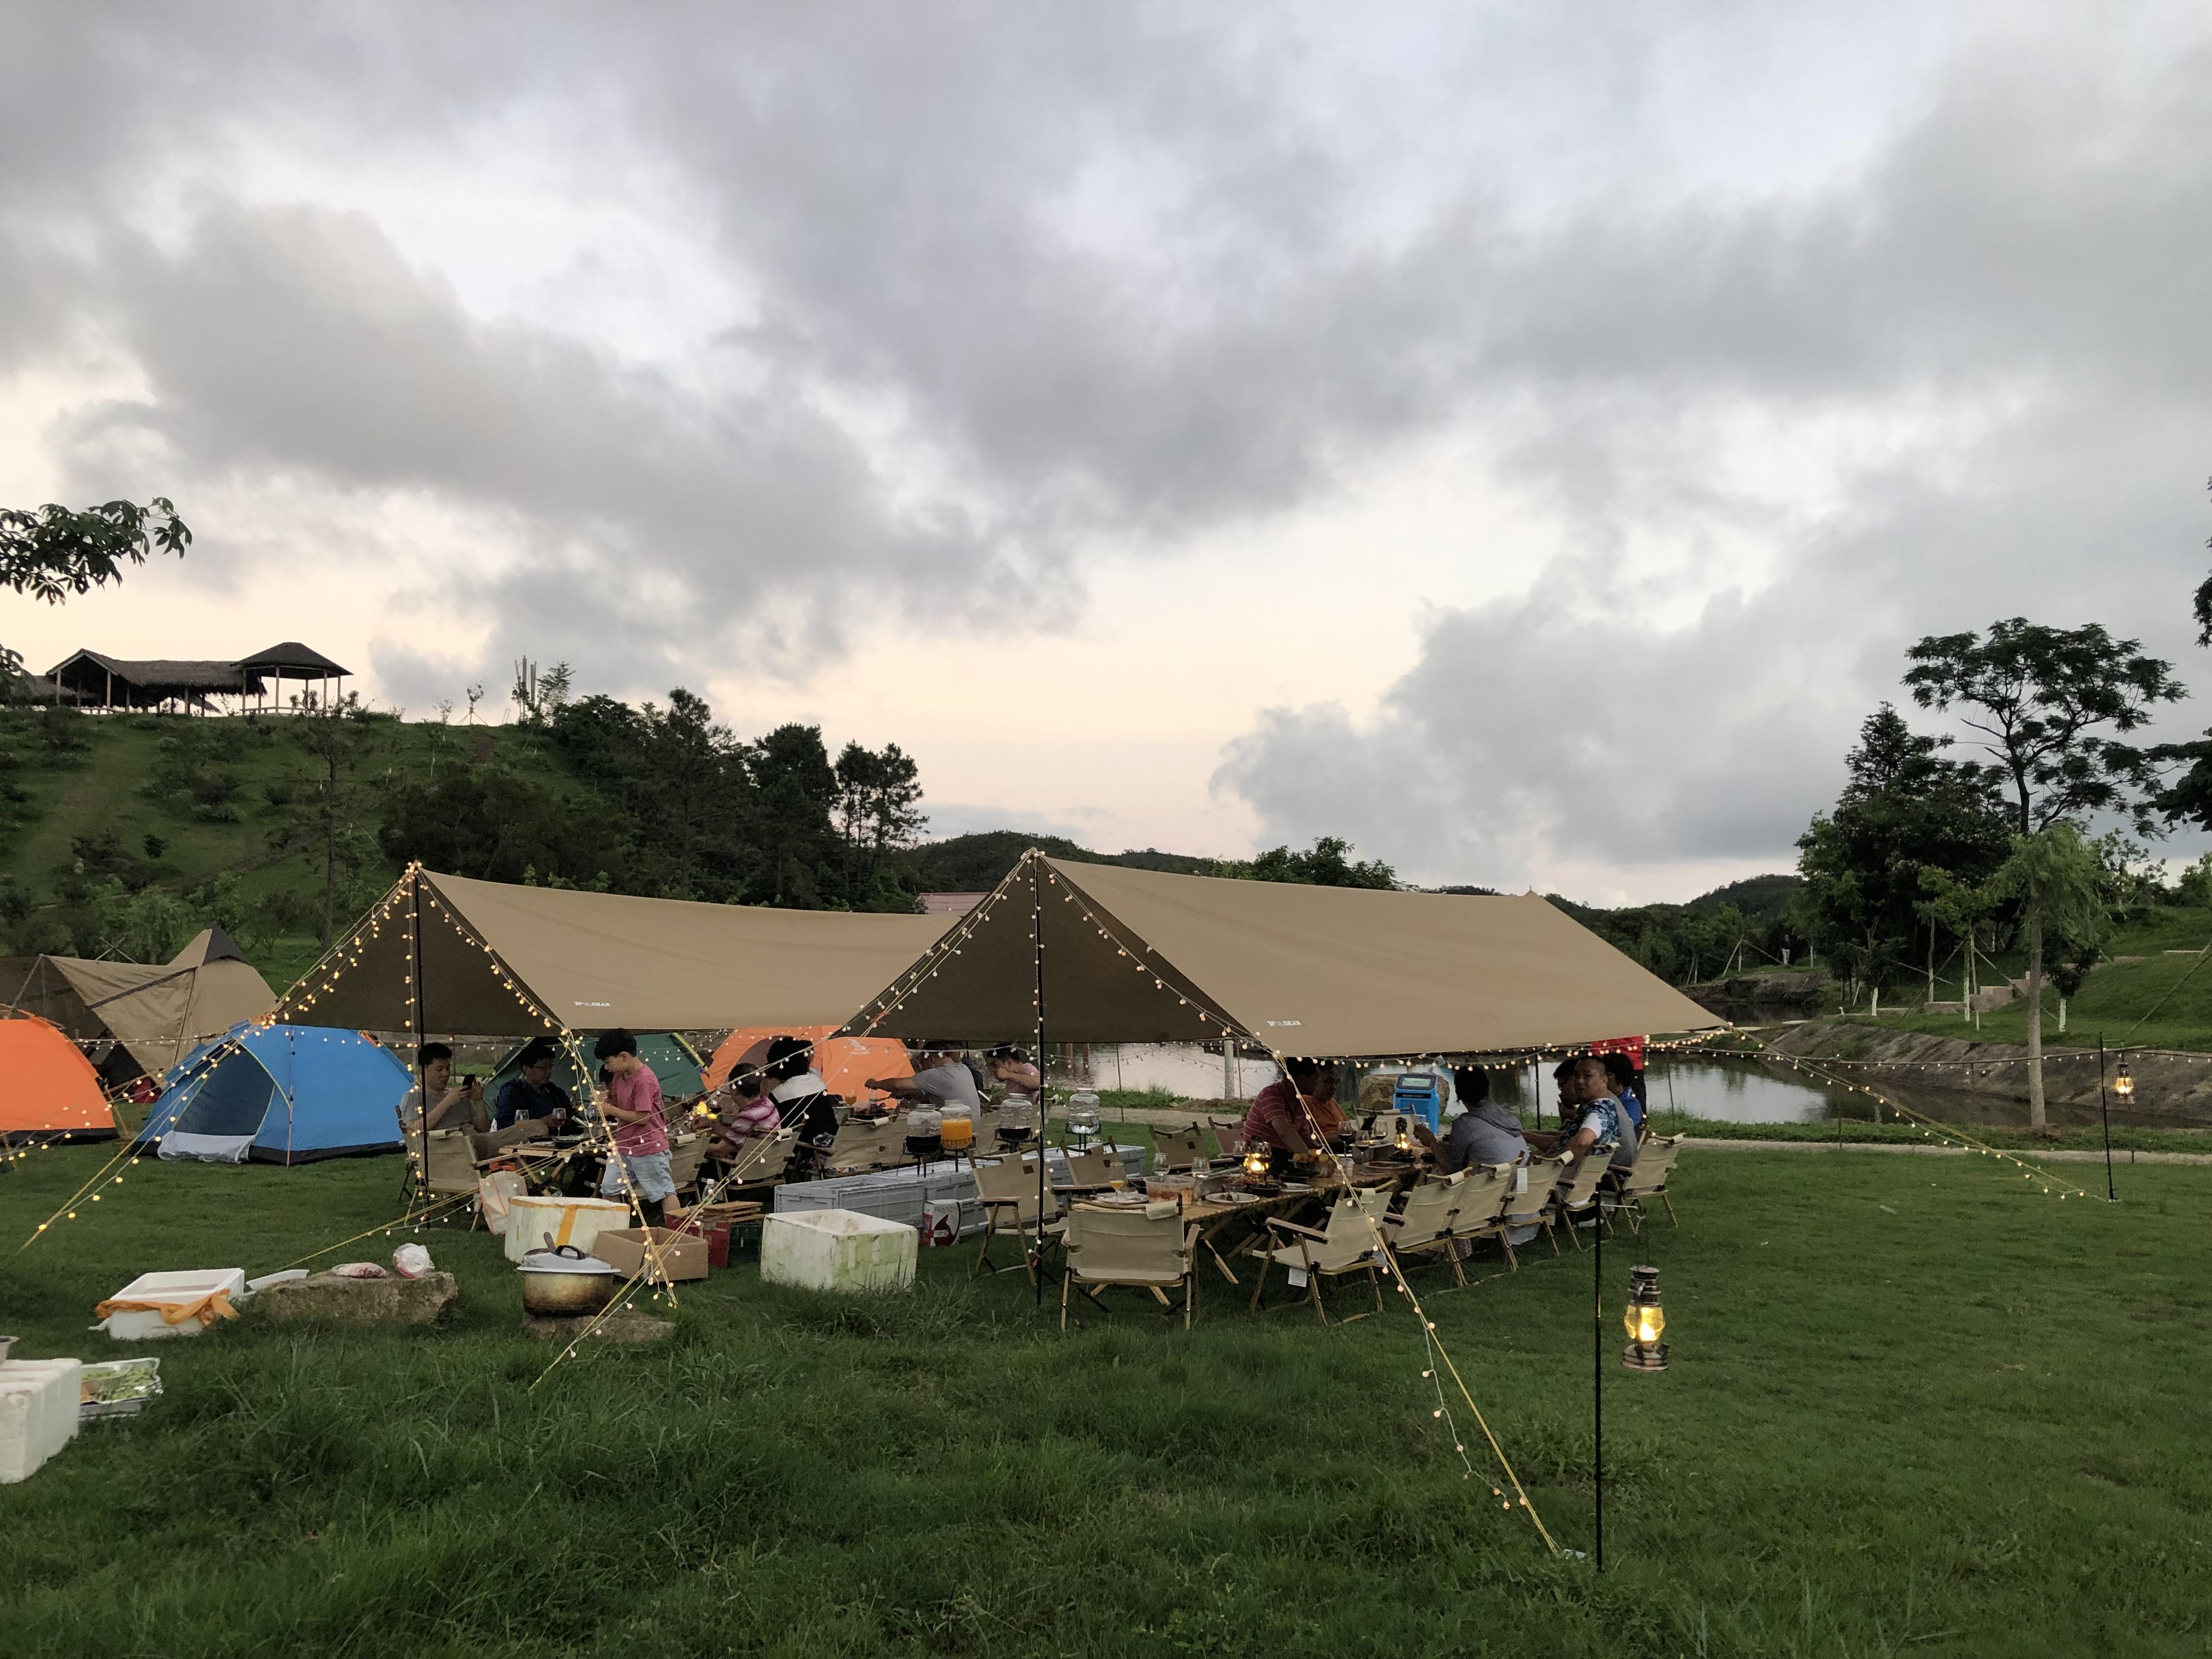 鹅凰小镇露营